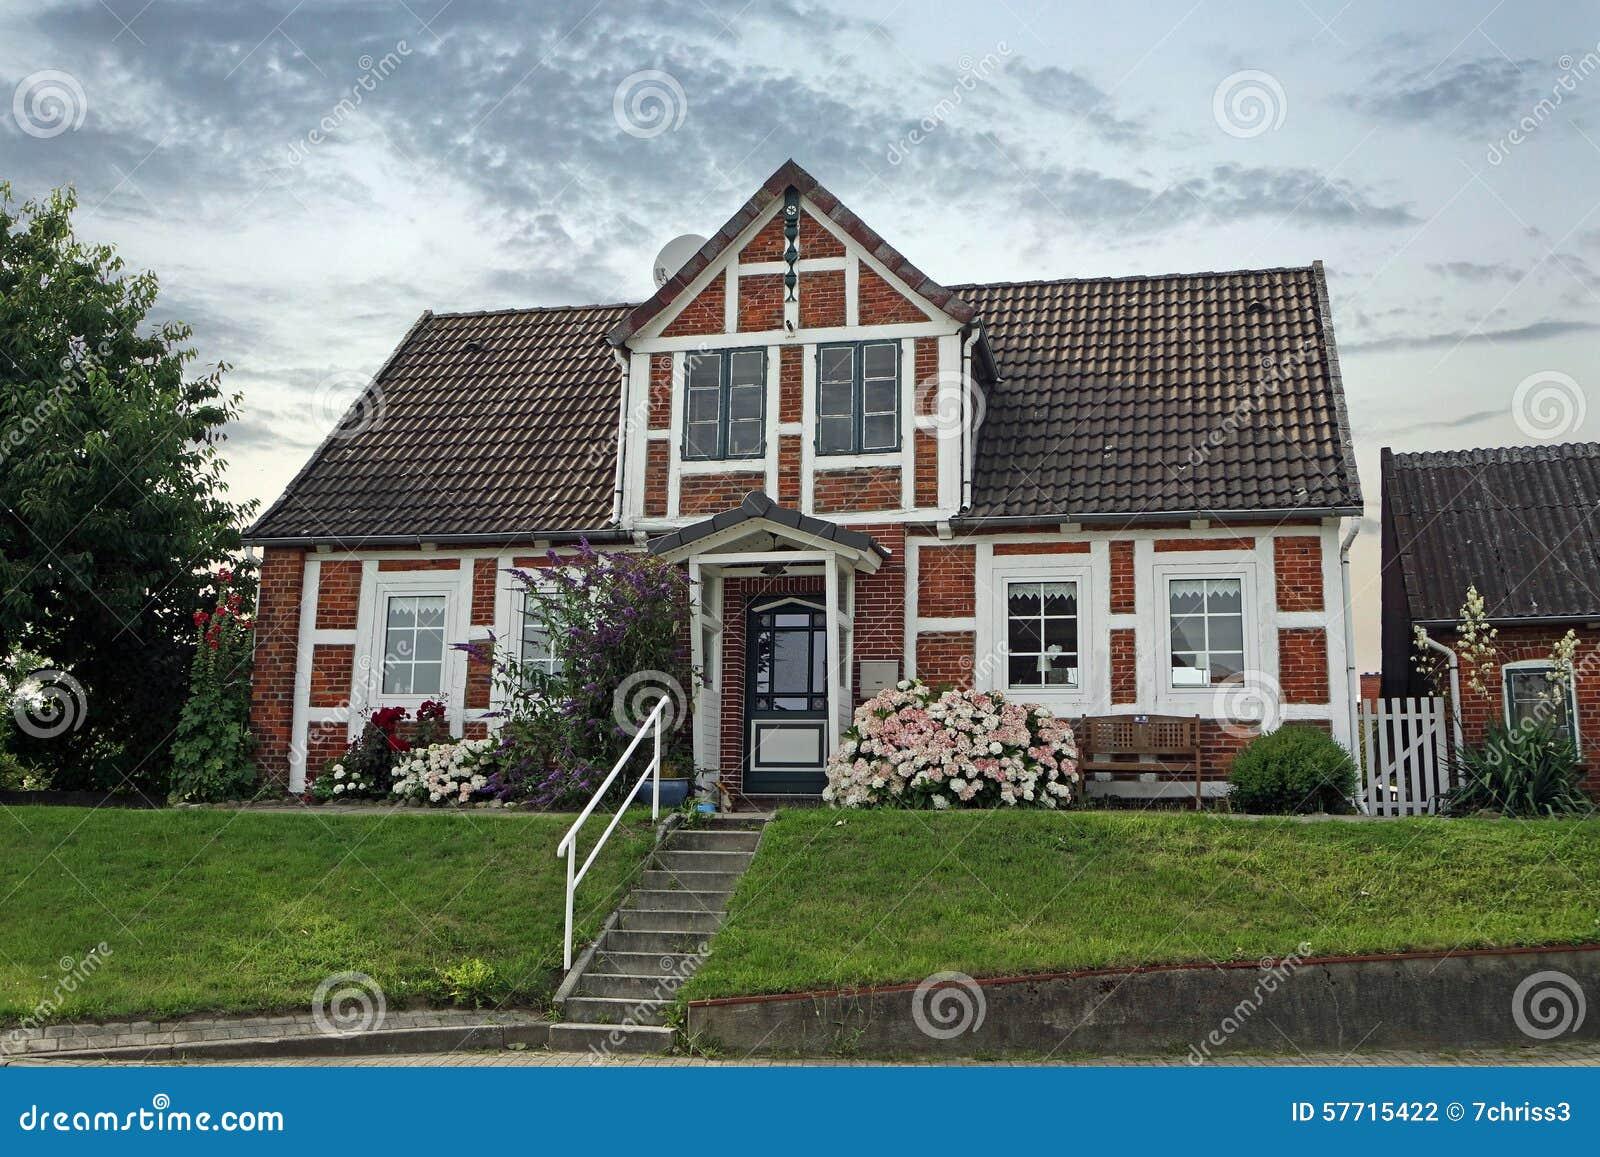 deutsche h user stockfoto bild von haupt land maurerarbeit 57715422. Black Bedroom Furniture Sets. Home Design Ideas